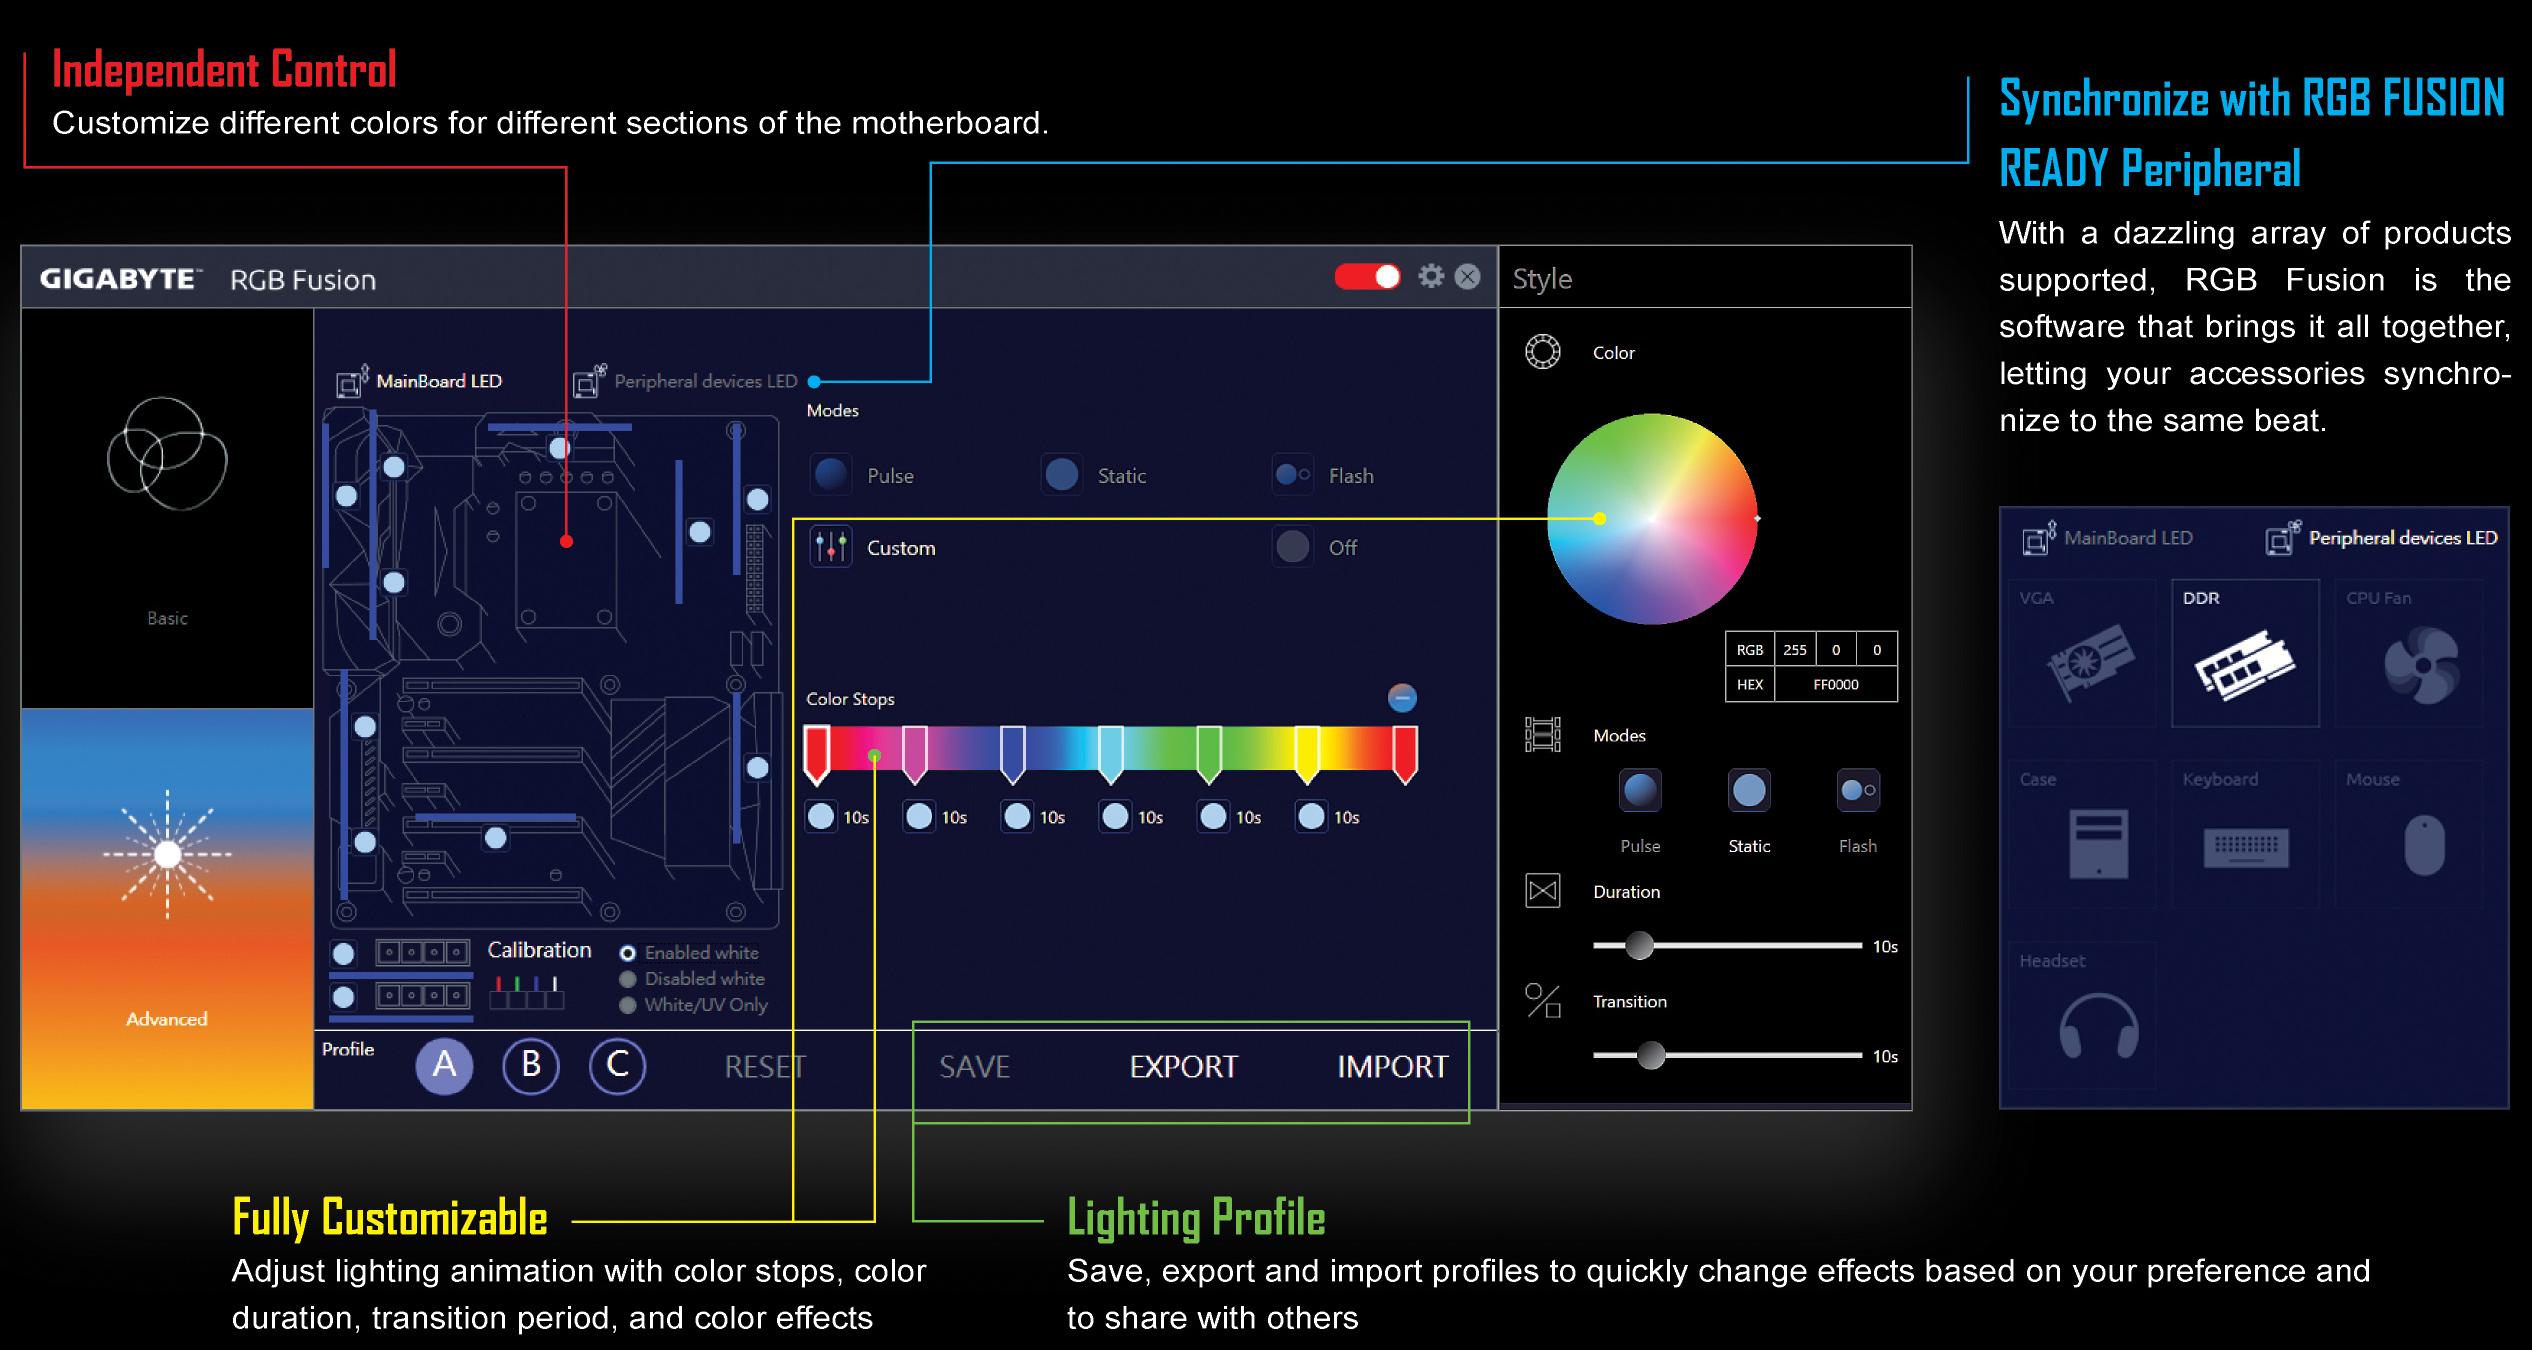 Anschließend können Sie Ihr Lichtprofil ganz einfach speichern und mit anderen teilen